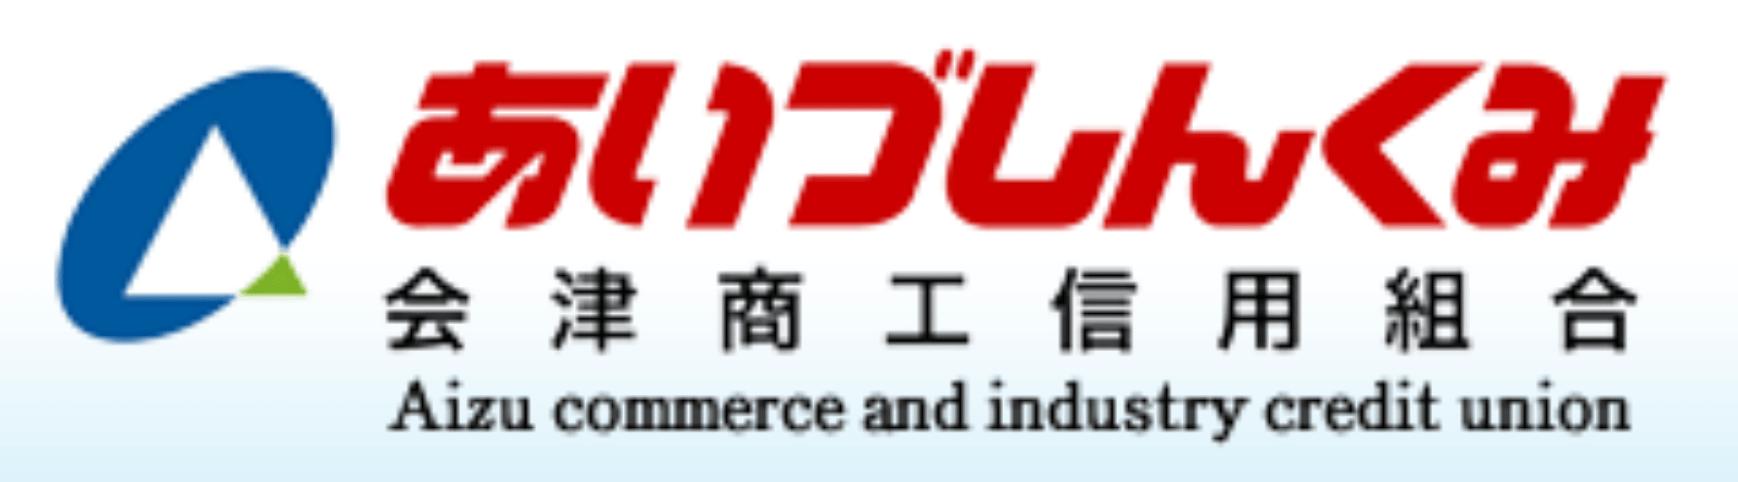 会津商工信用組合のゴールデンウィークの営業日や営業時間・ATM手数料